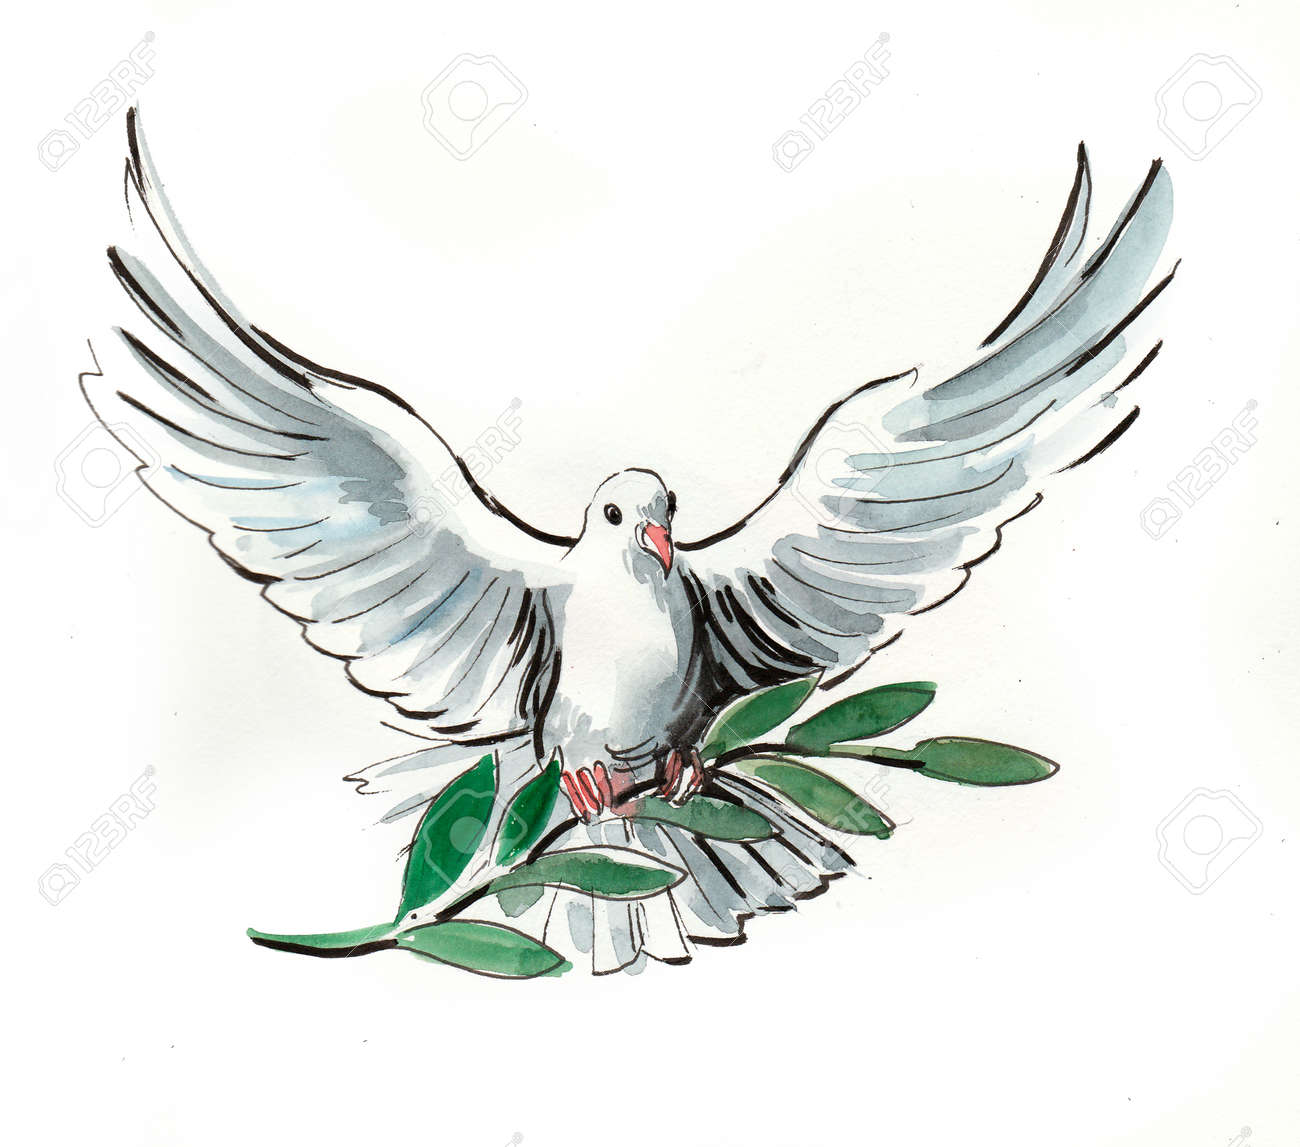 White dove. Watercolor illustration - 101758766